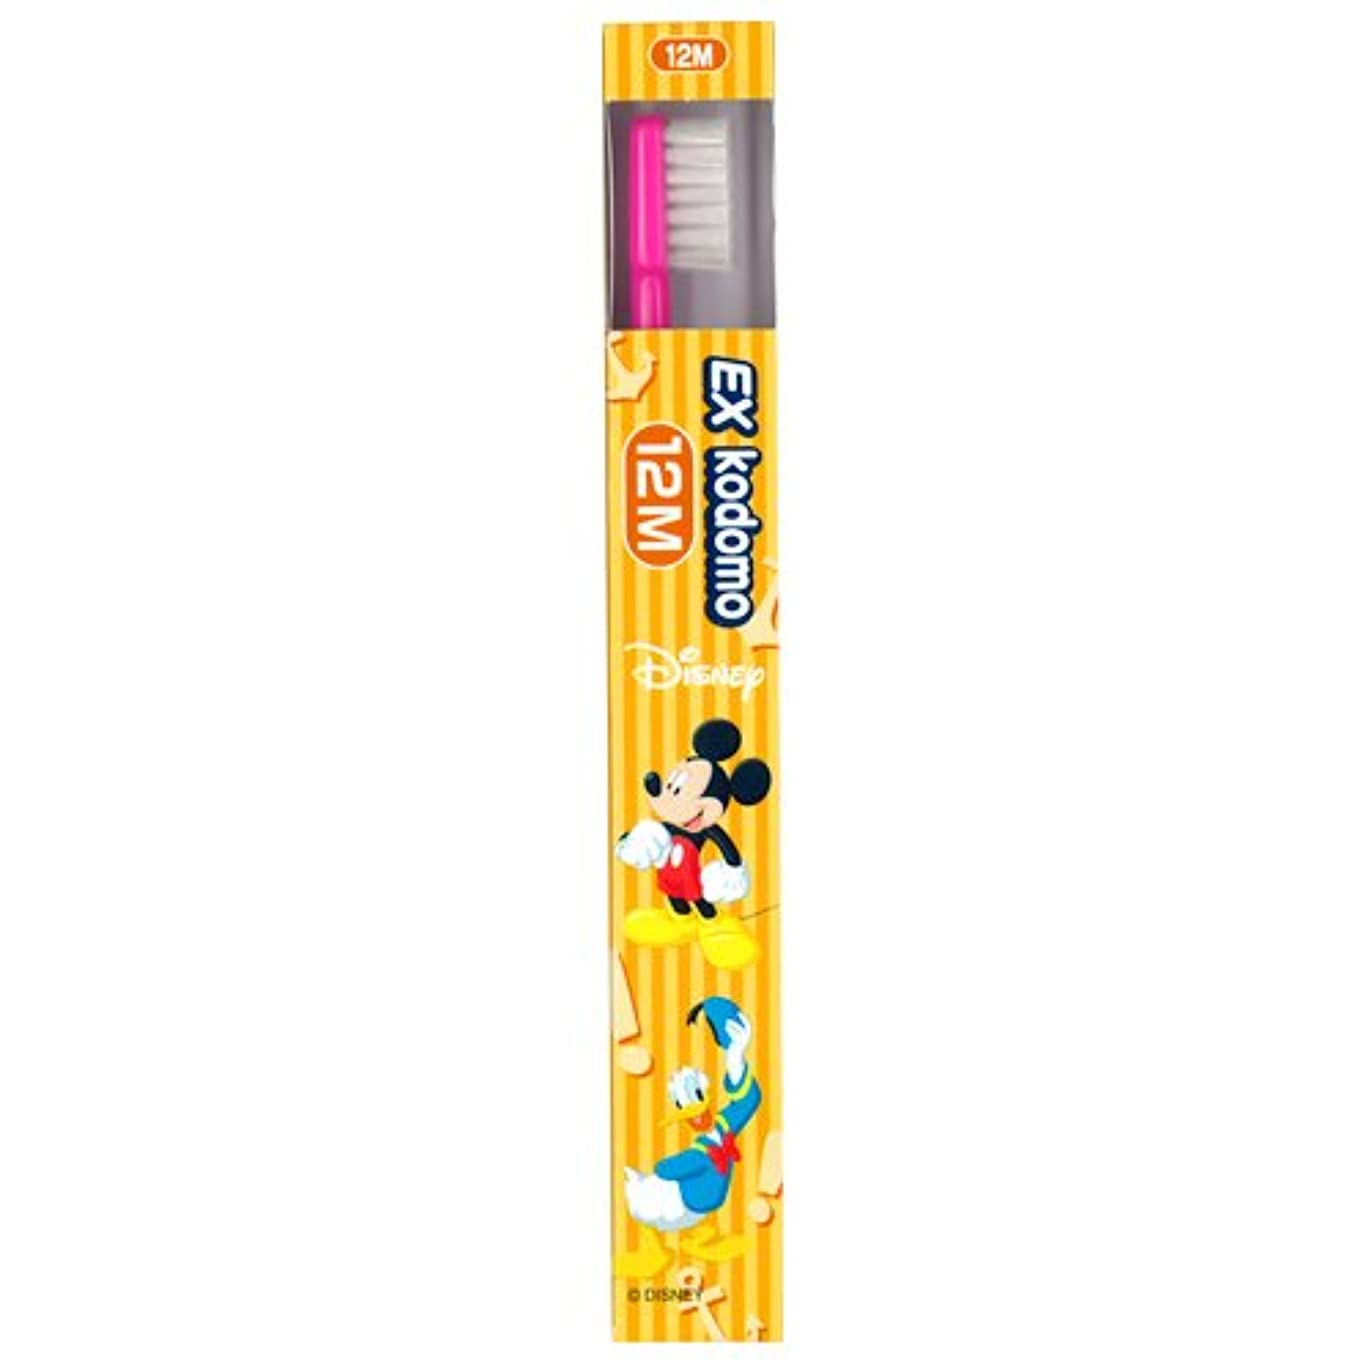 付録高原ヘッジライオン EX kodomo ディズニー 歯ブラシ 1本 12M ピンク